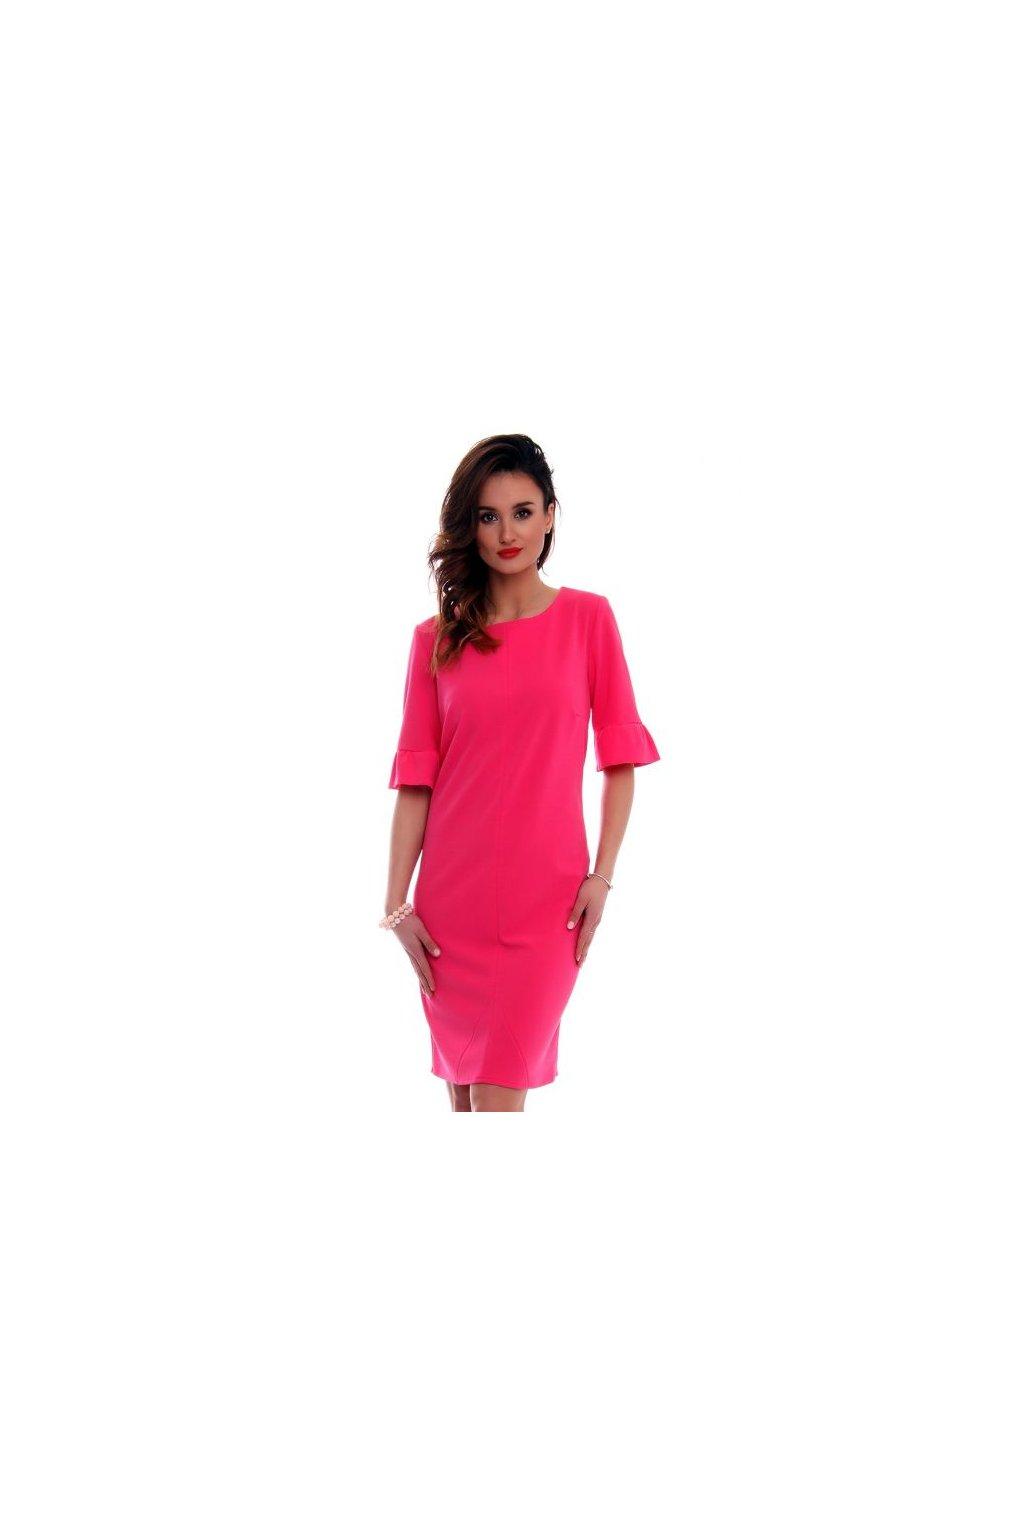 88d0a33f73bf Elegantné šaty s volánovým rukávom CMK561 tmavoružové - Tentation.sk